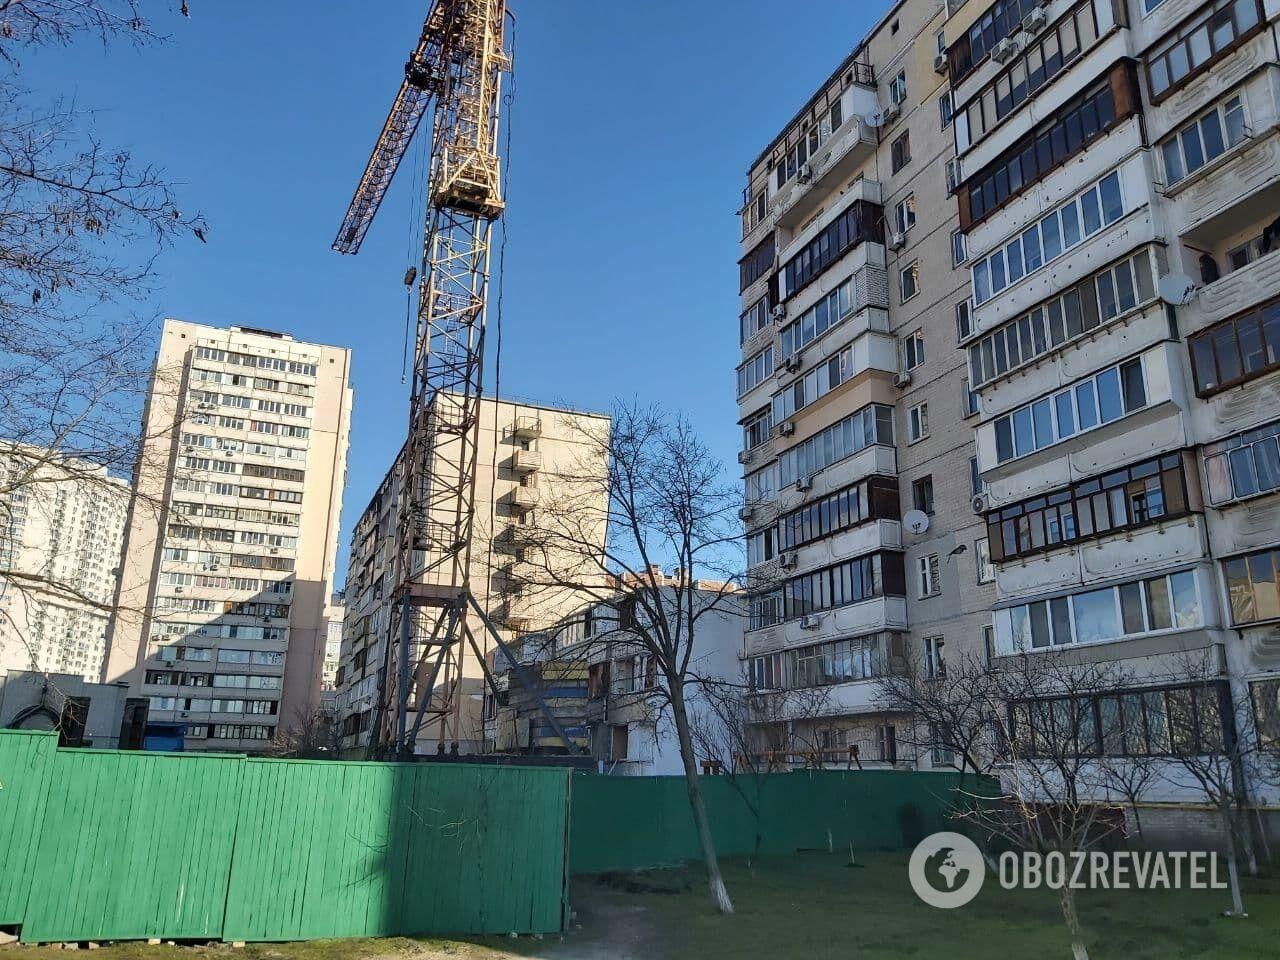 Работы по демонтажу здания продолжаются.